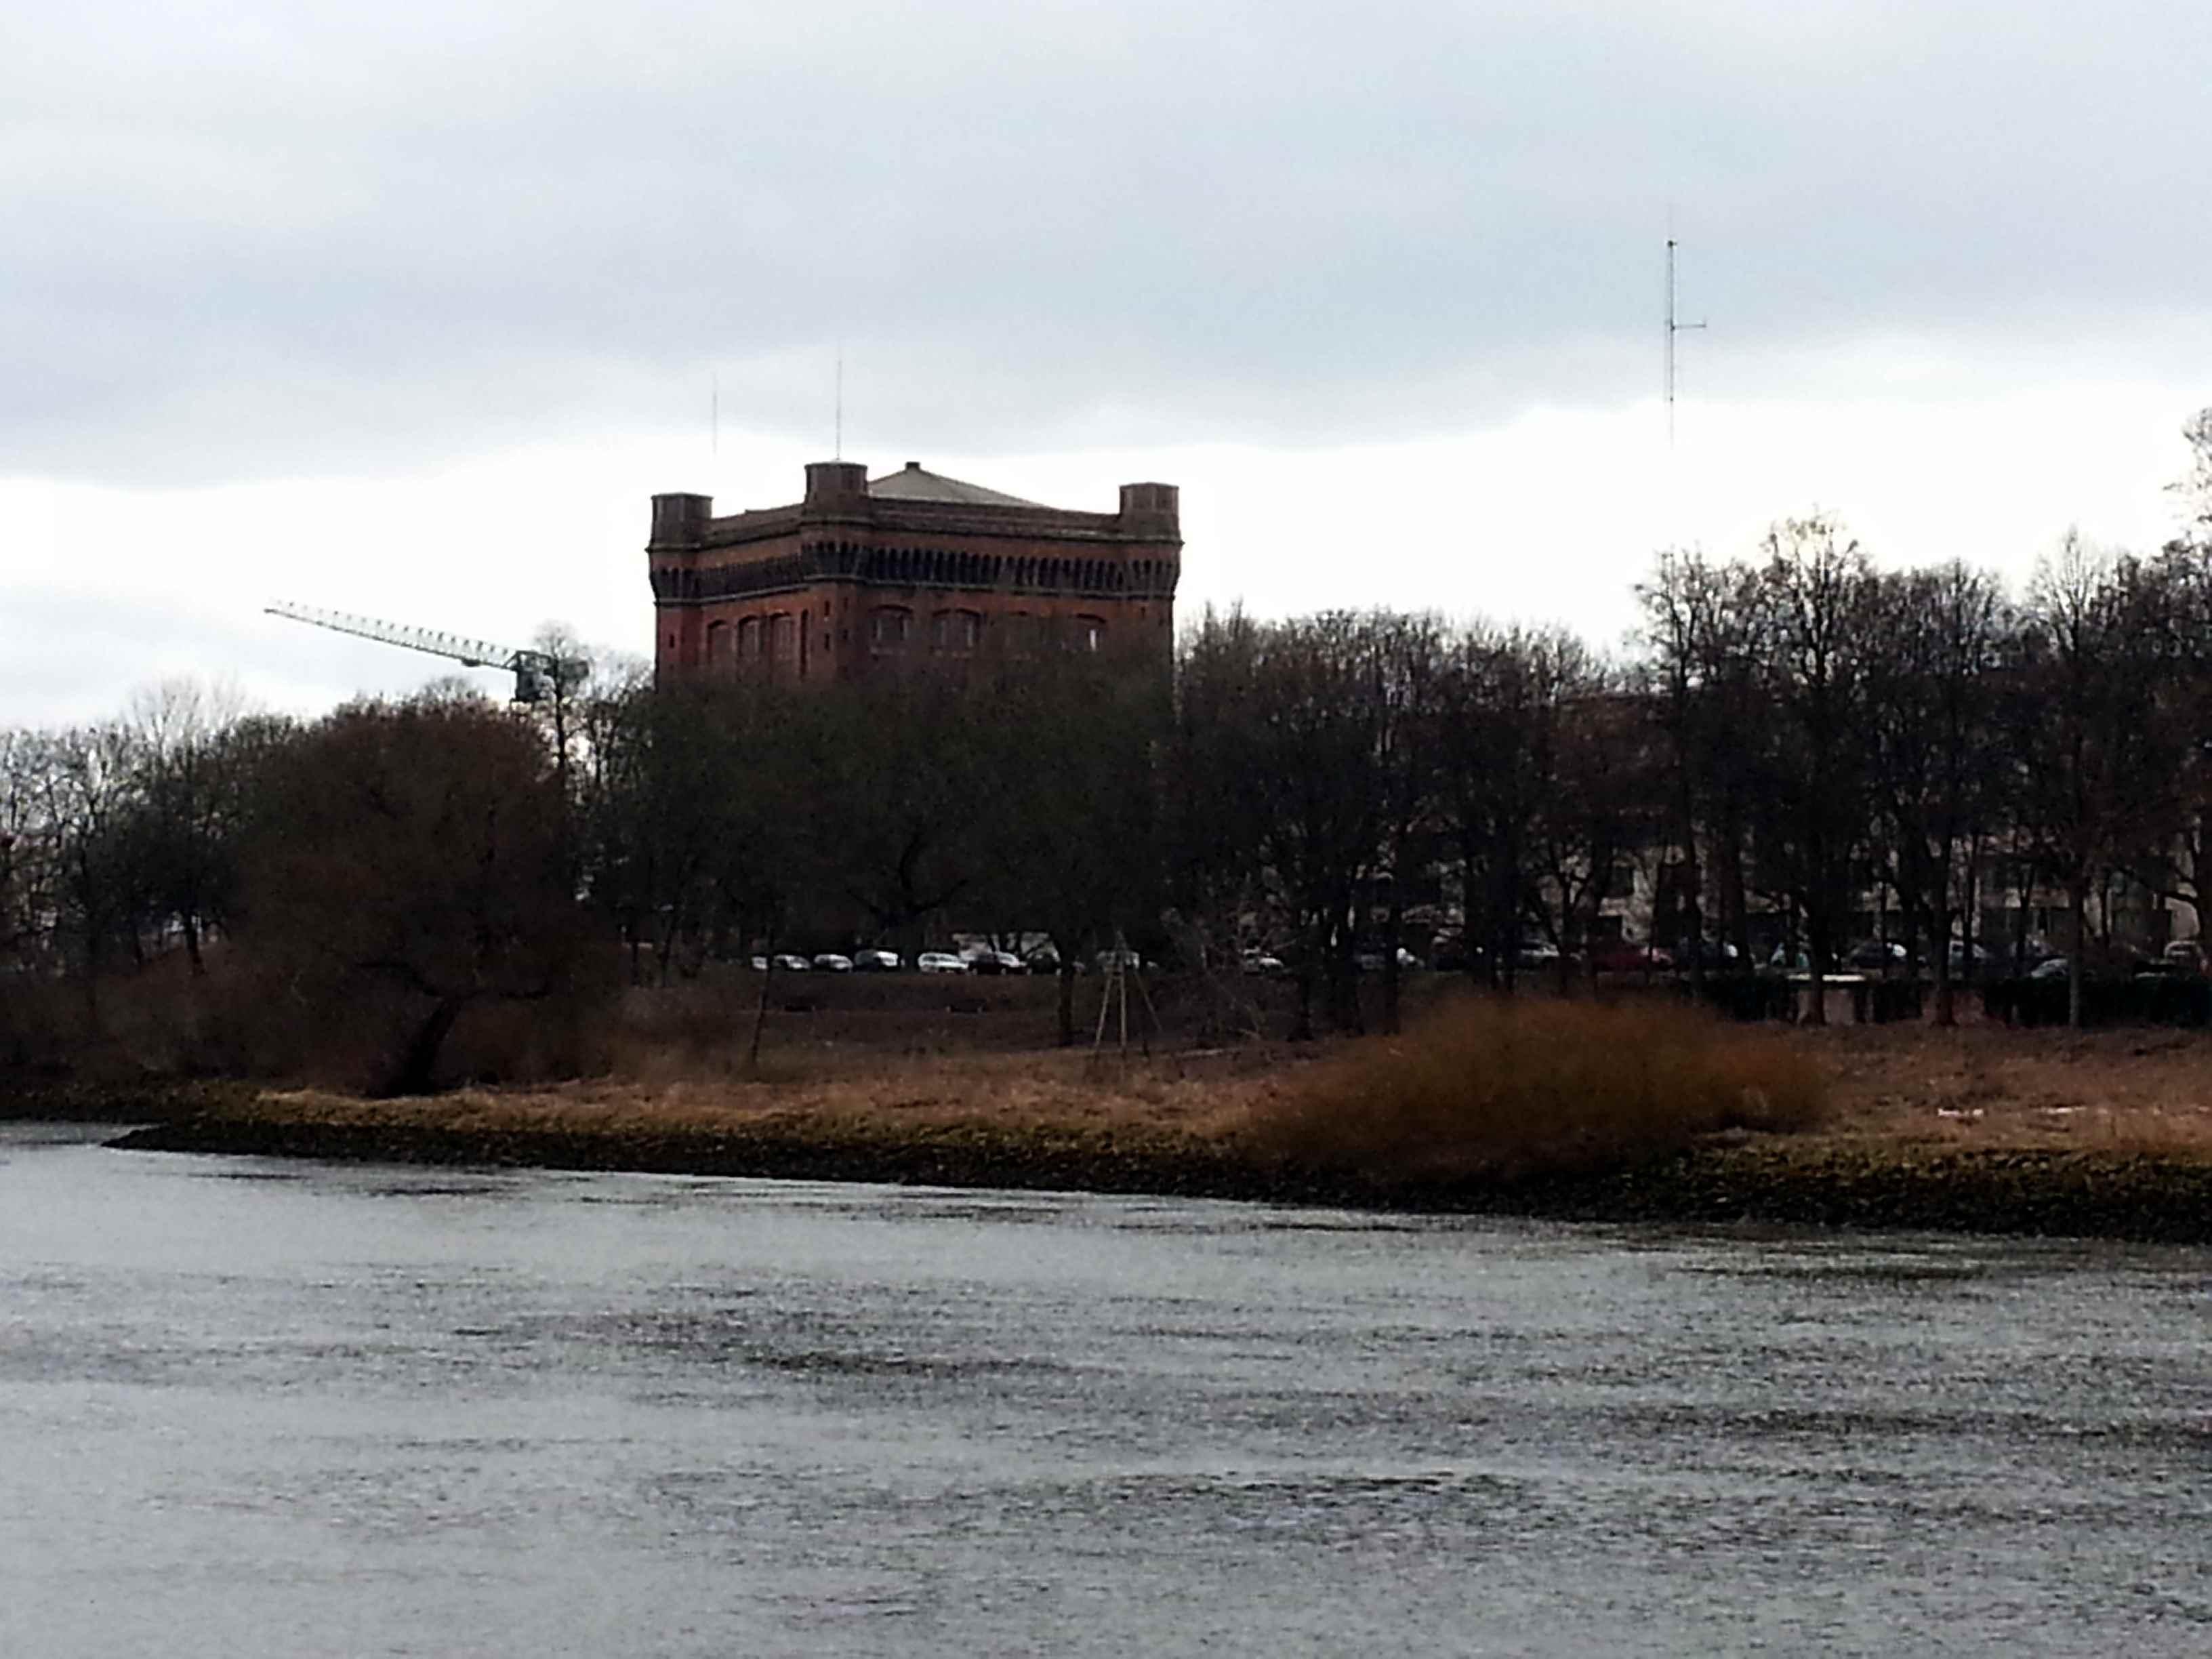 Ehemaliger Speicher an der Weser (c) Kanter